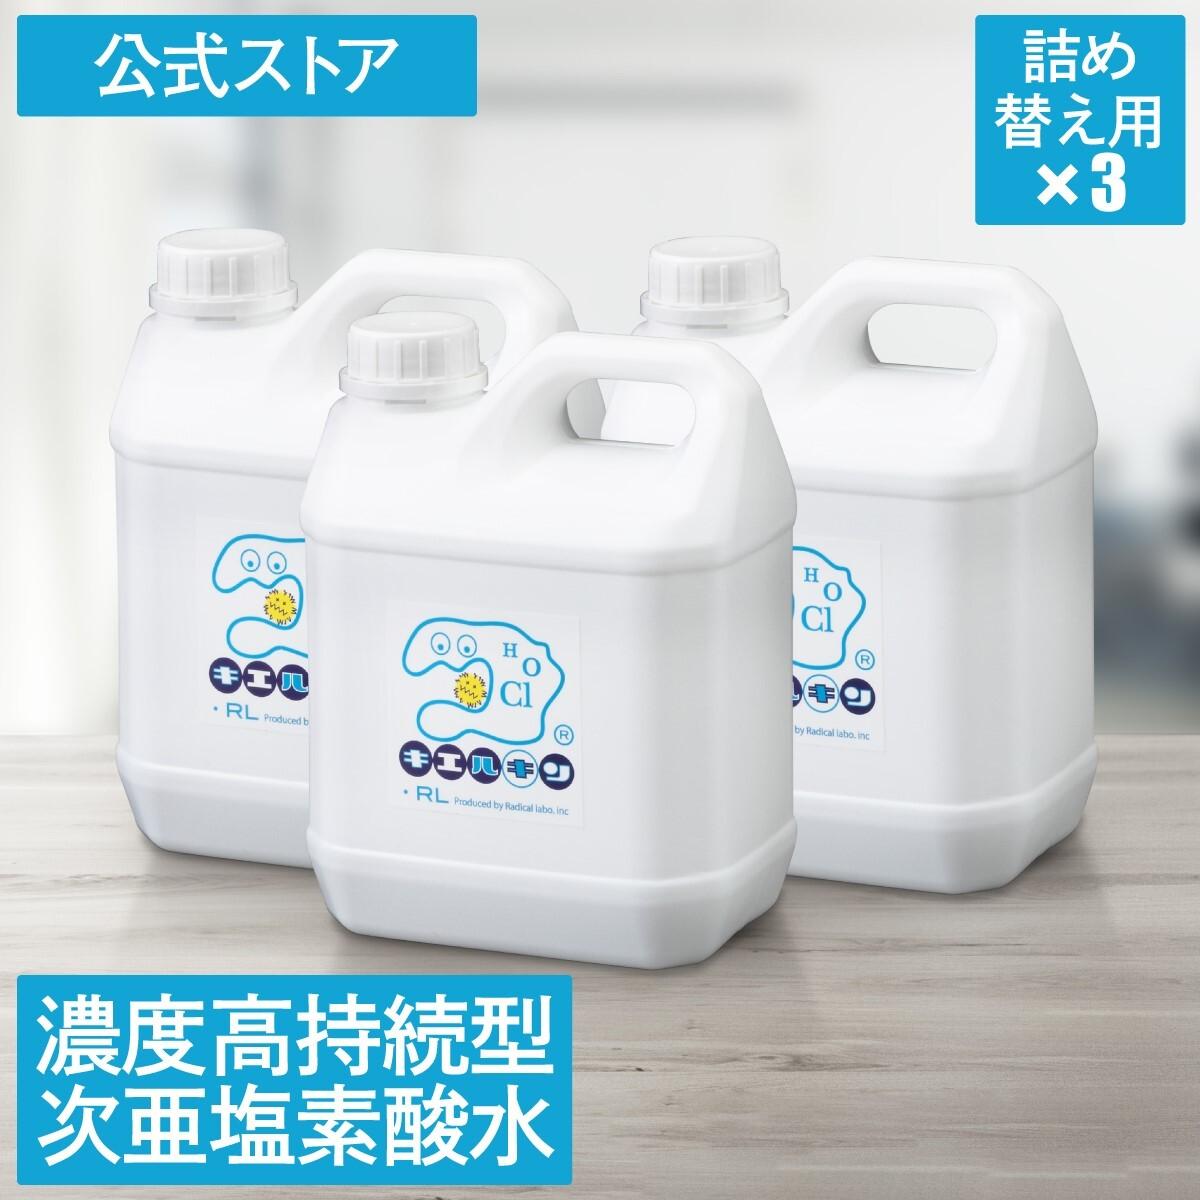 キエルキン2Lボトル3本セット 次亜塩素酸水溶液(除菌・消臭剤)【送料無料】